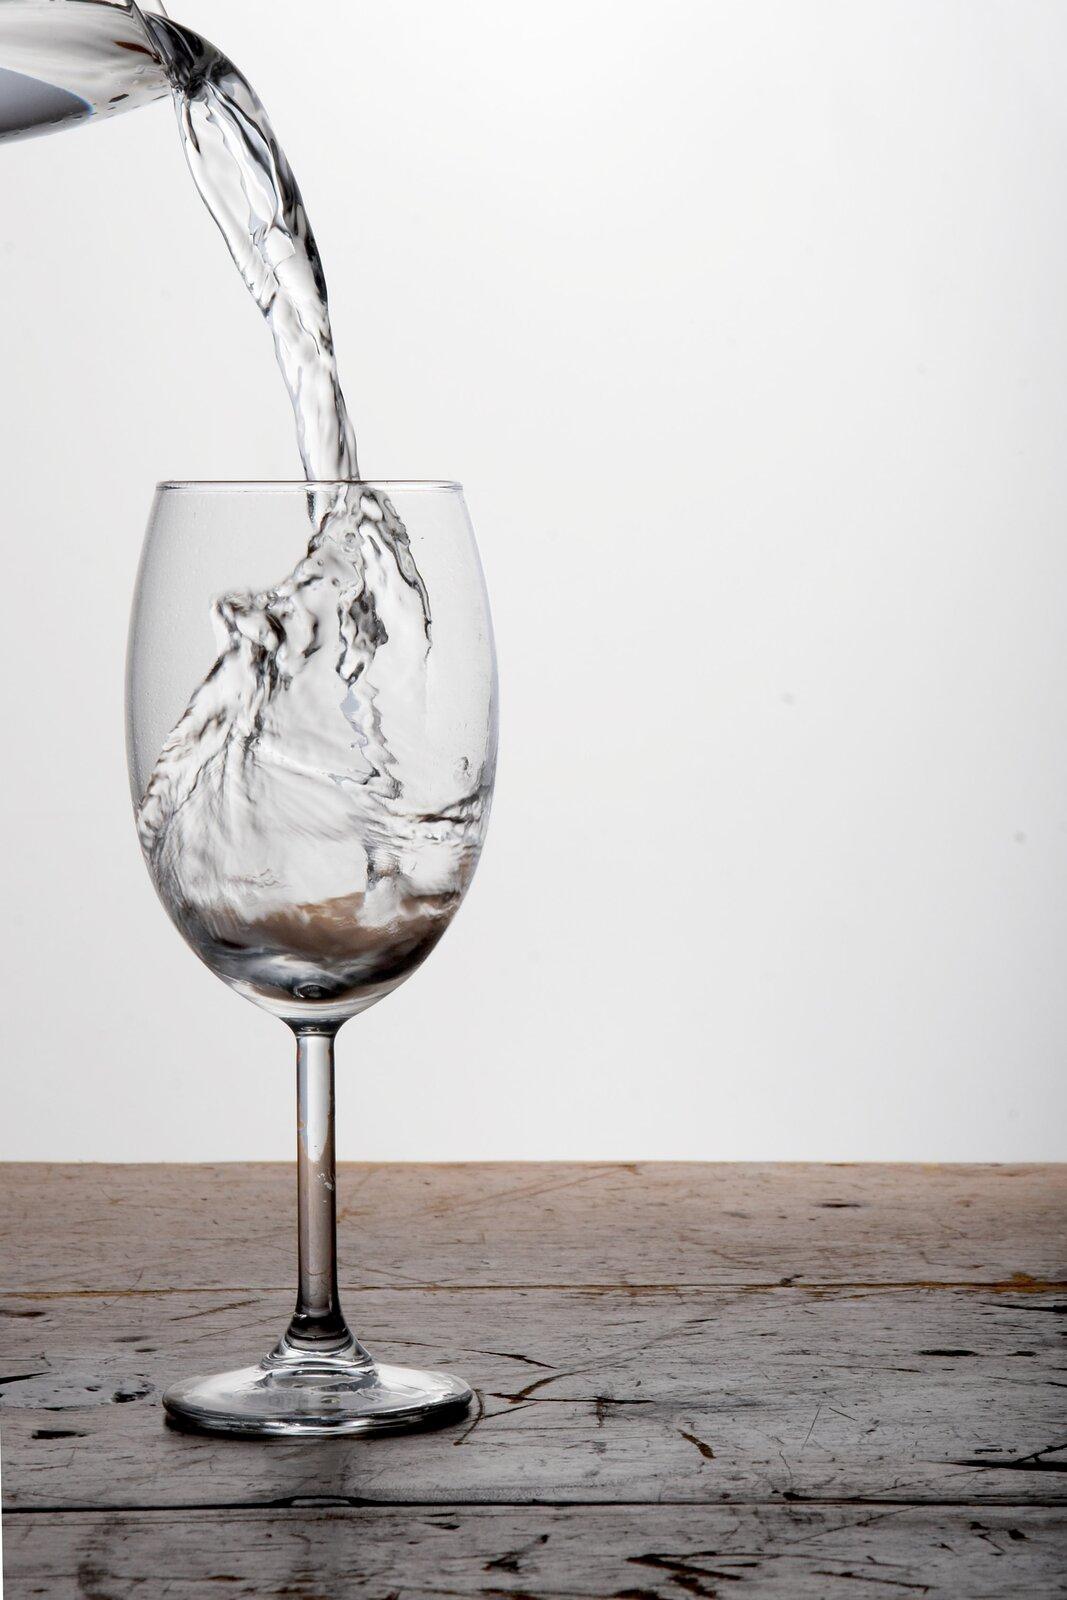 Zdjęcie przedstawia czynność polegającą na nalewaniu wody do kieliszka. Tło jasne, kieliszek stoi na drewnianym stole. Kieliszek szklany, bezbarwny na wysokiej nóżce. Wlewym górnym rogu widać fragment dzbanka, zktórego nalewana jest woda.